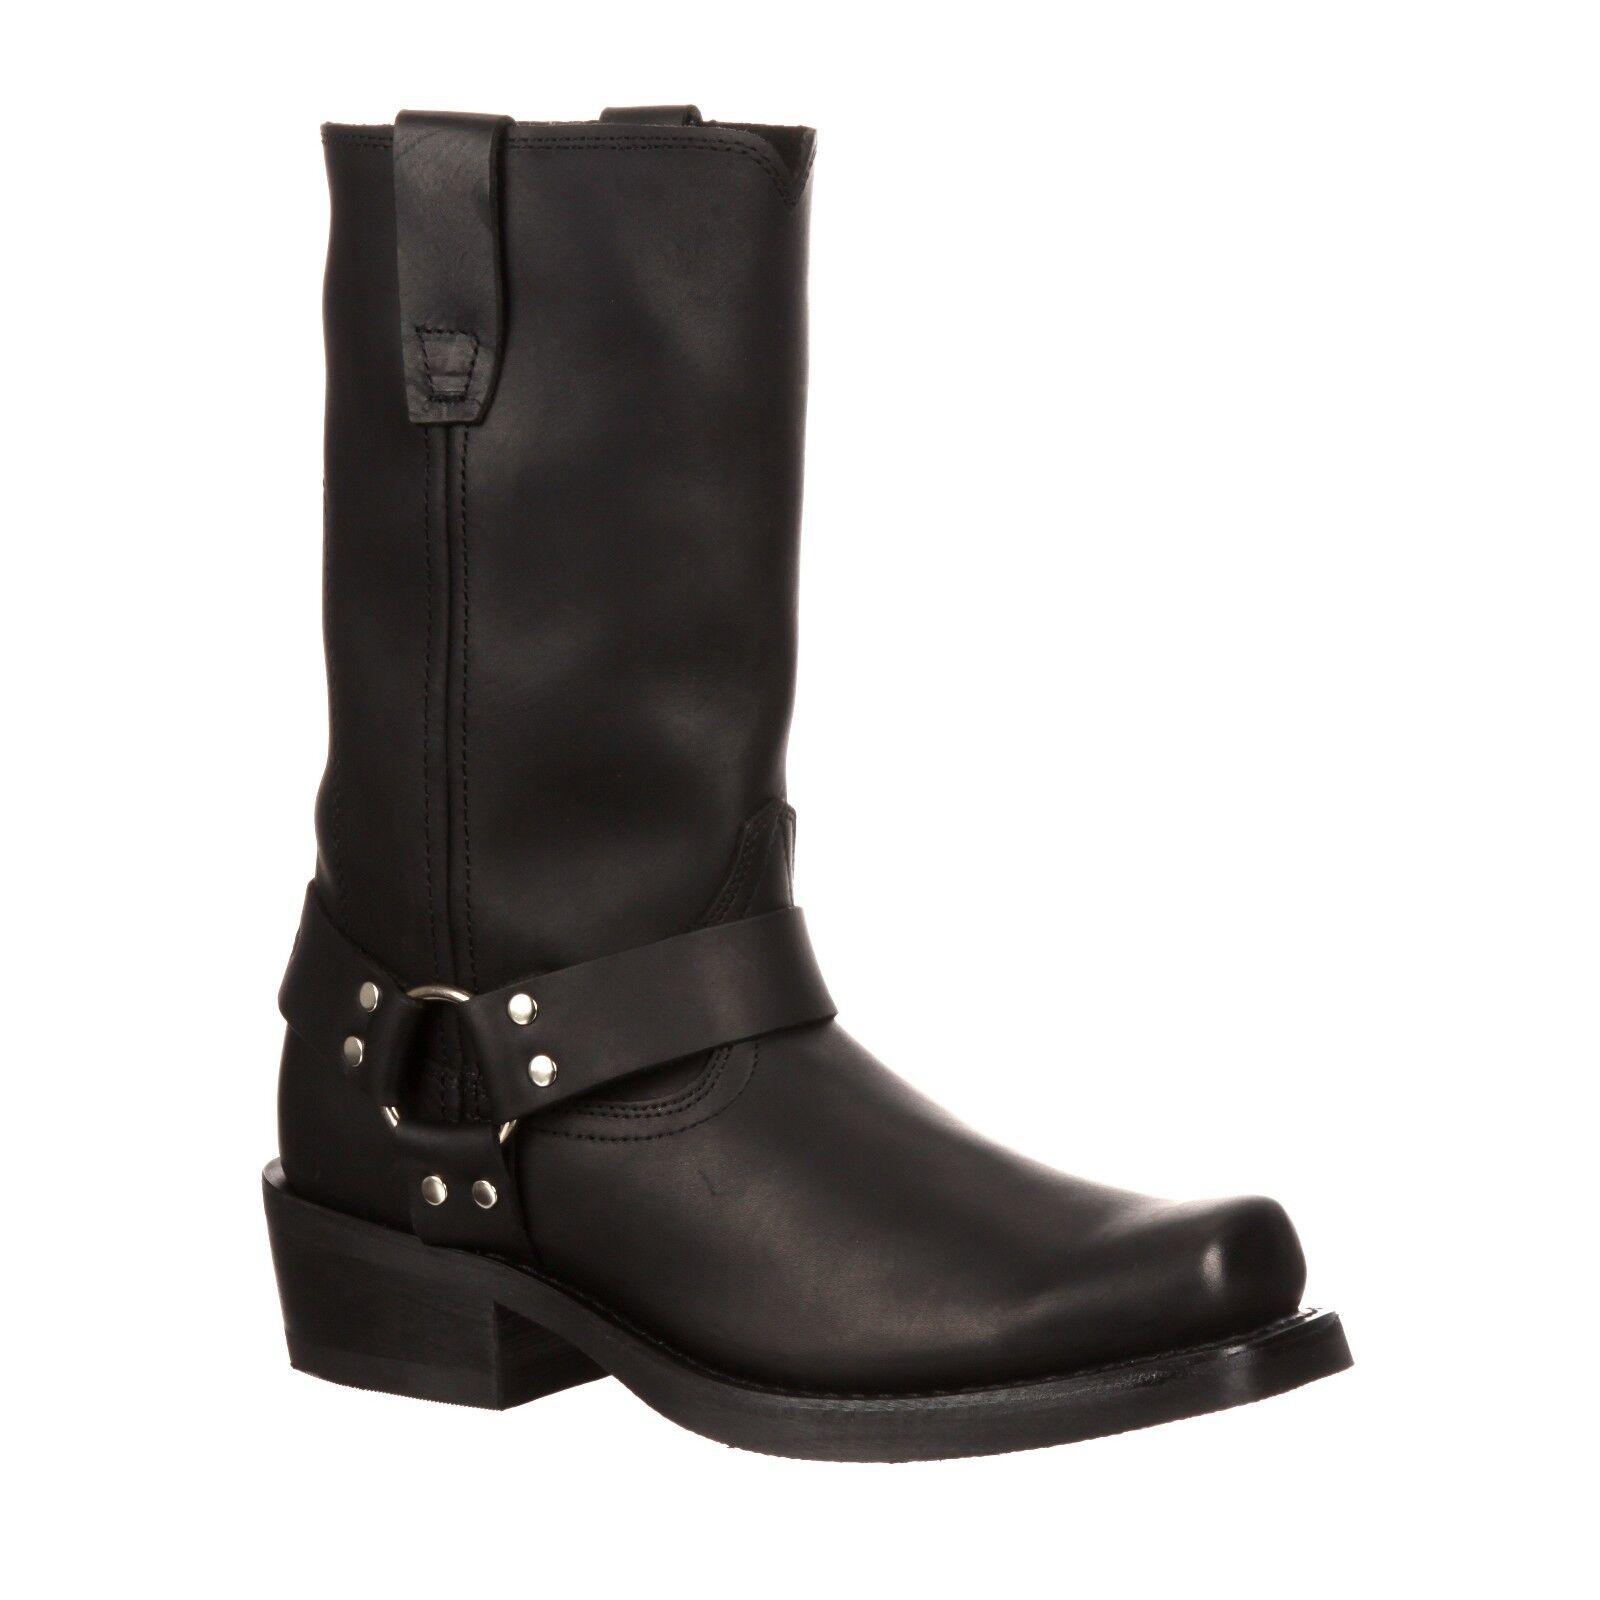 Durango Men's Black Harness Square Toe Cowboy Boots DB510 NIB